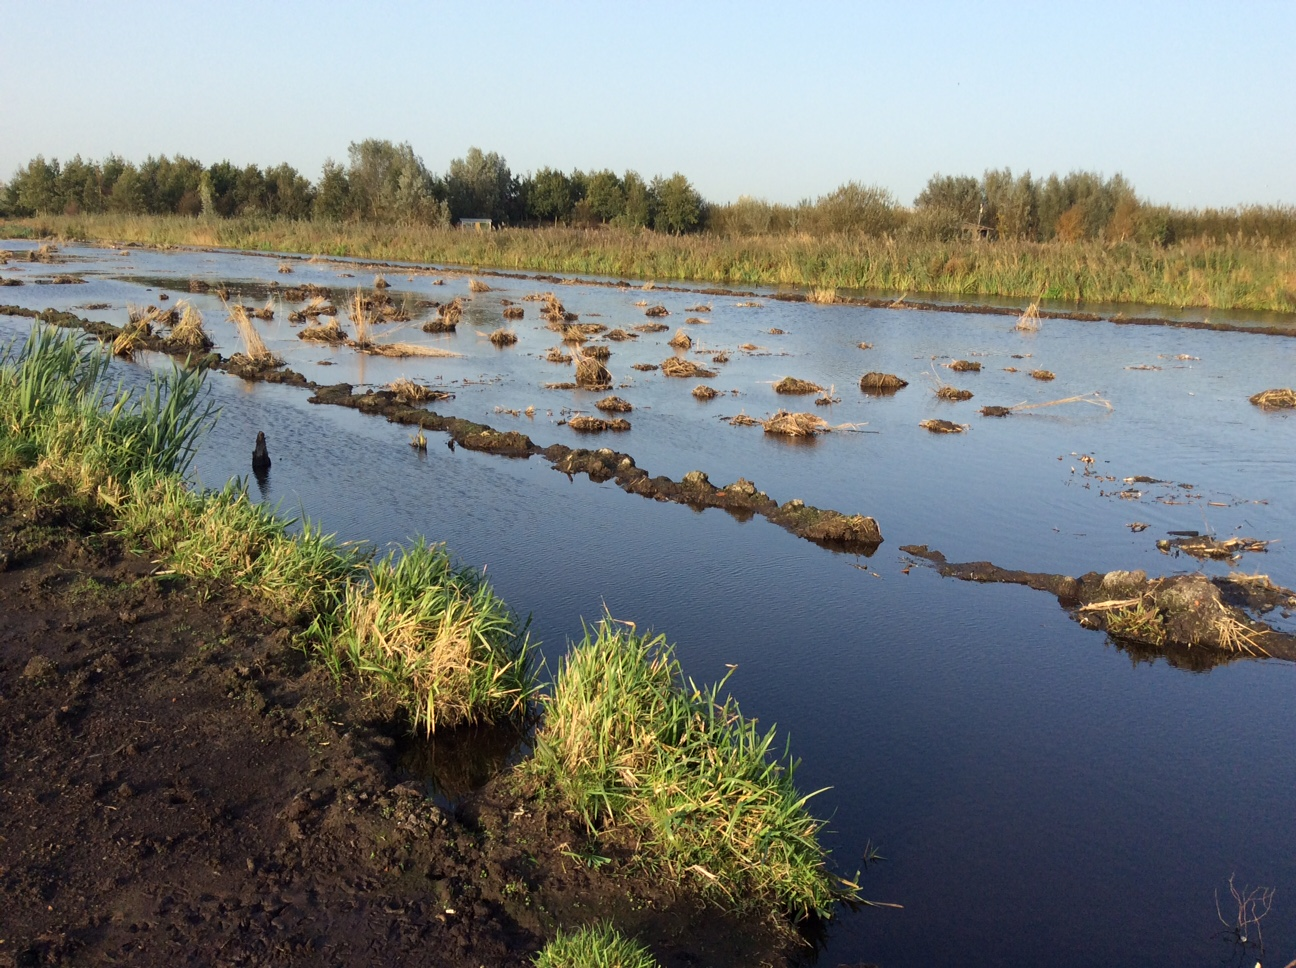 landschapsfonds alphen aan den rijn e.o. – De educatieve inrichting van het project IJsvogel